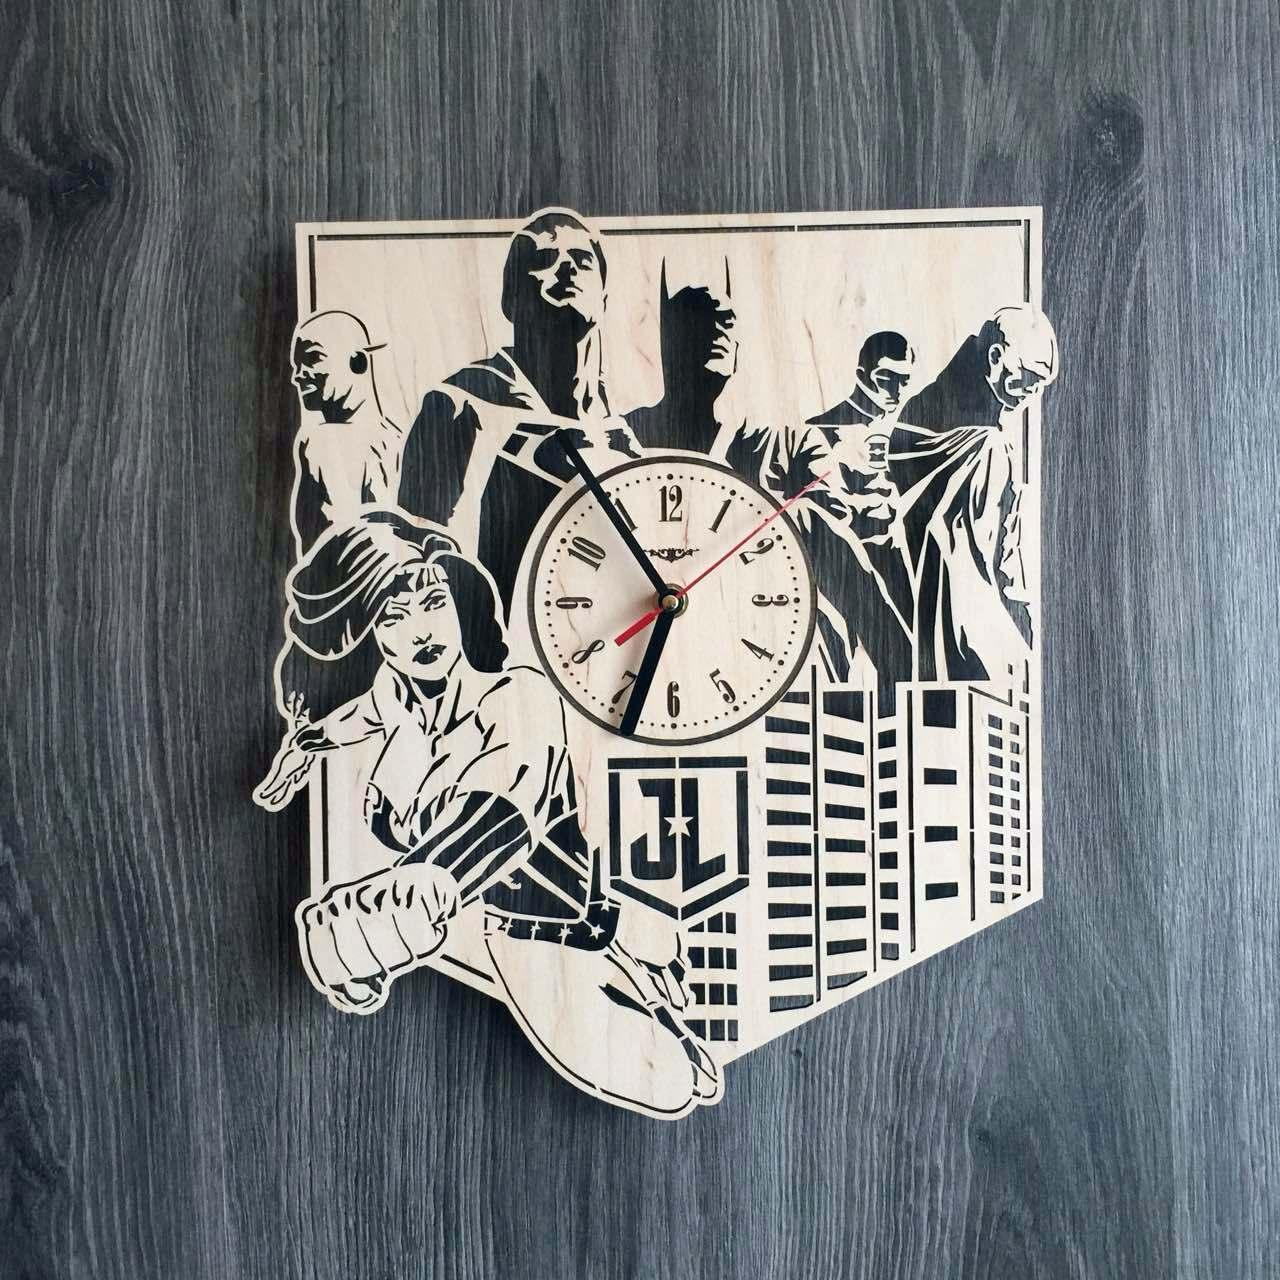 Настенные часы из дерева 7rts Лига справедливости CL-0194